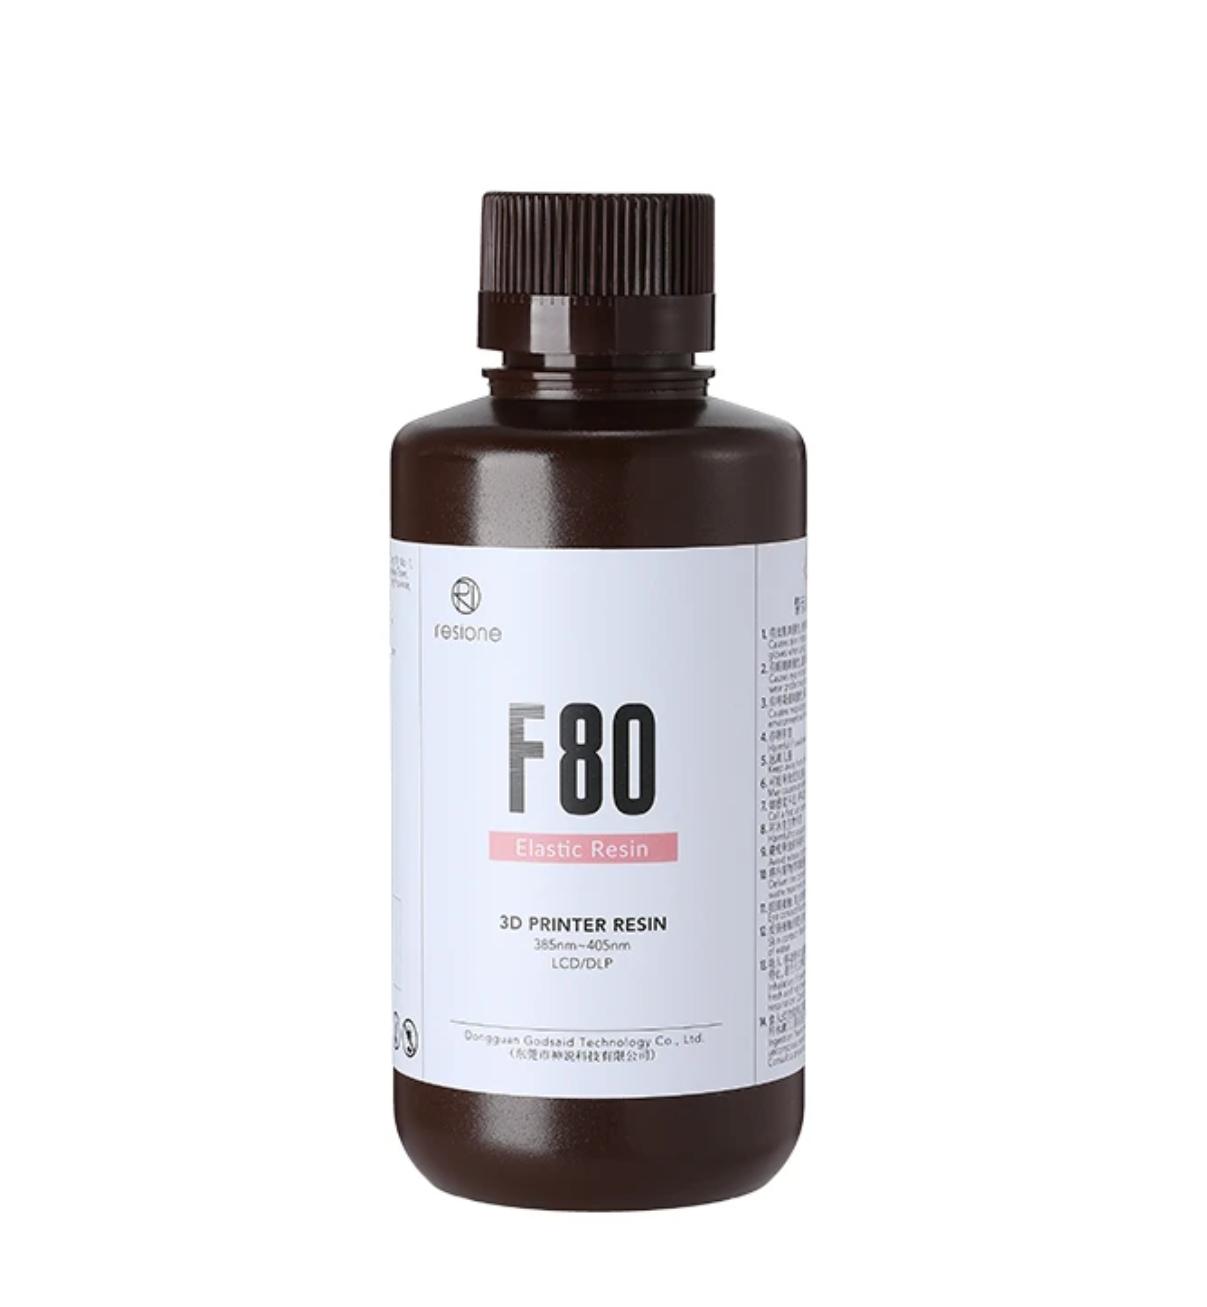 Resione F80 Dental Gum Color Elastic Resin 3D Printer Resin 500g